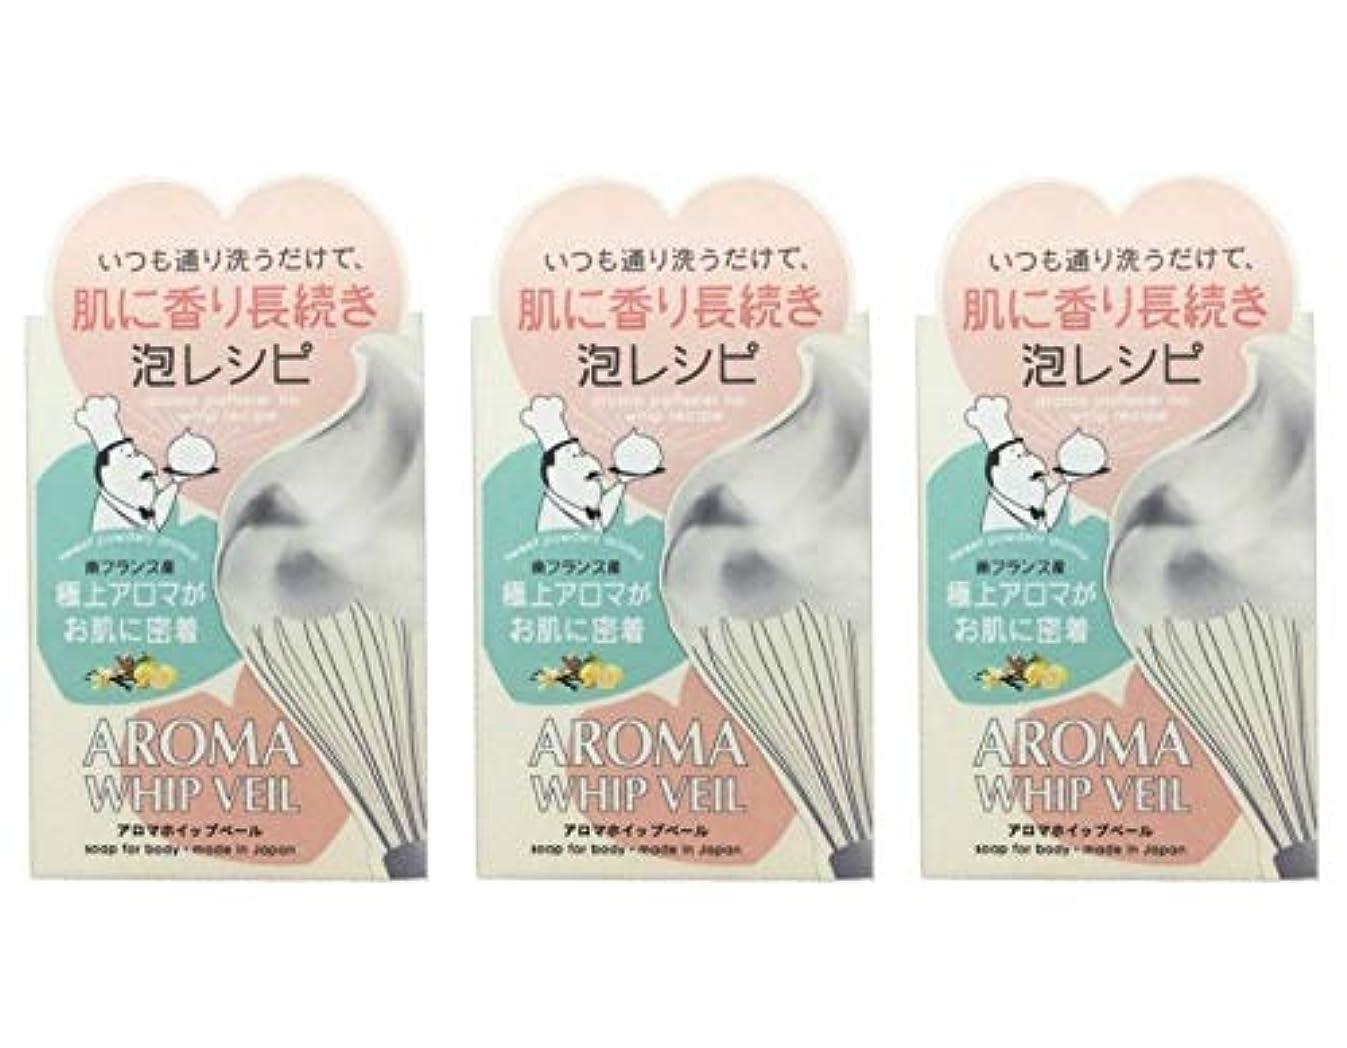 ピッチャー緊急ポジション【3個セット】ペリカン石鹸 アロマホイップベール石鹸 100g【3個セット】